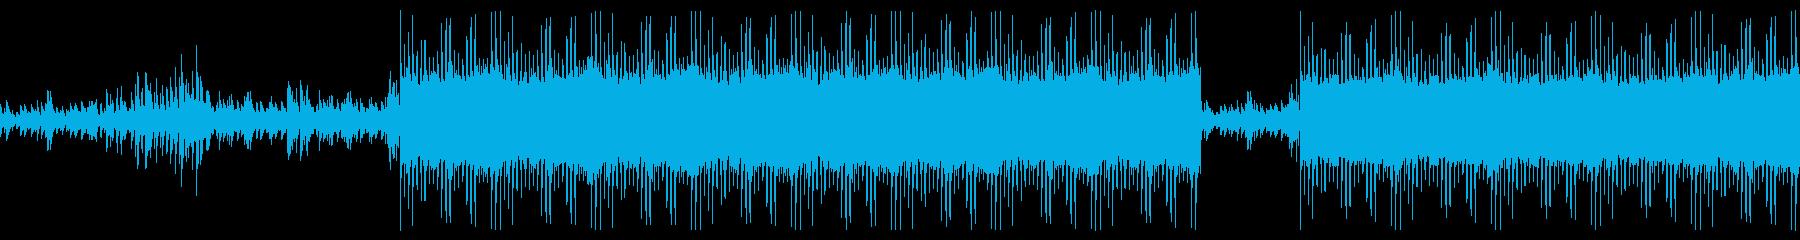 これから何かが始まるイメージ、バイオリンの再生済みの波形